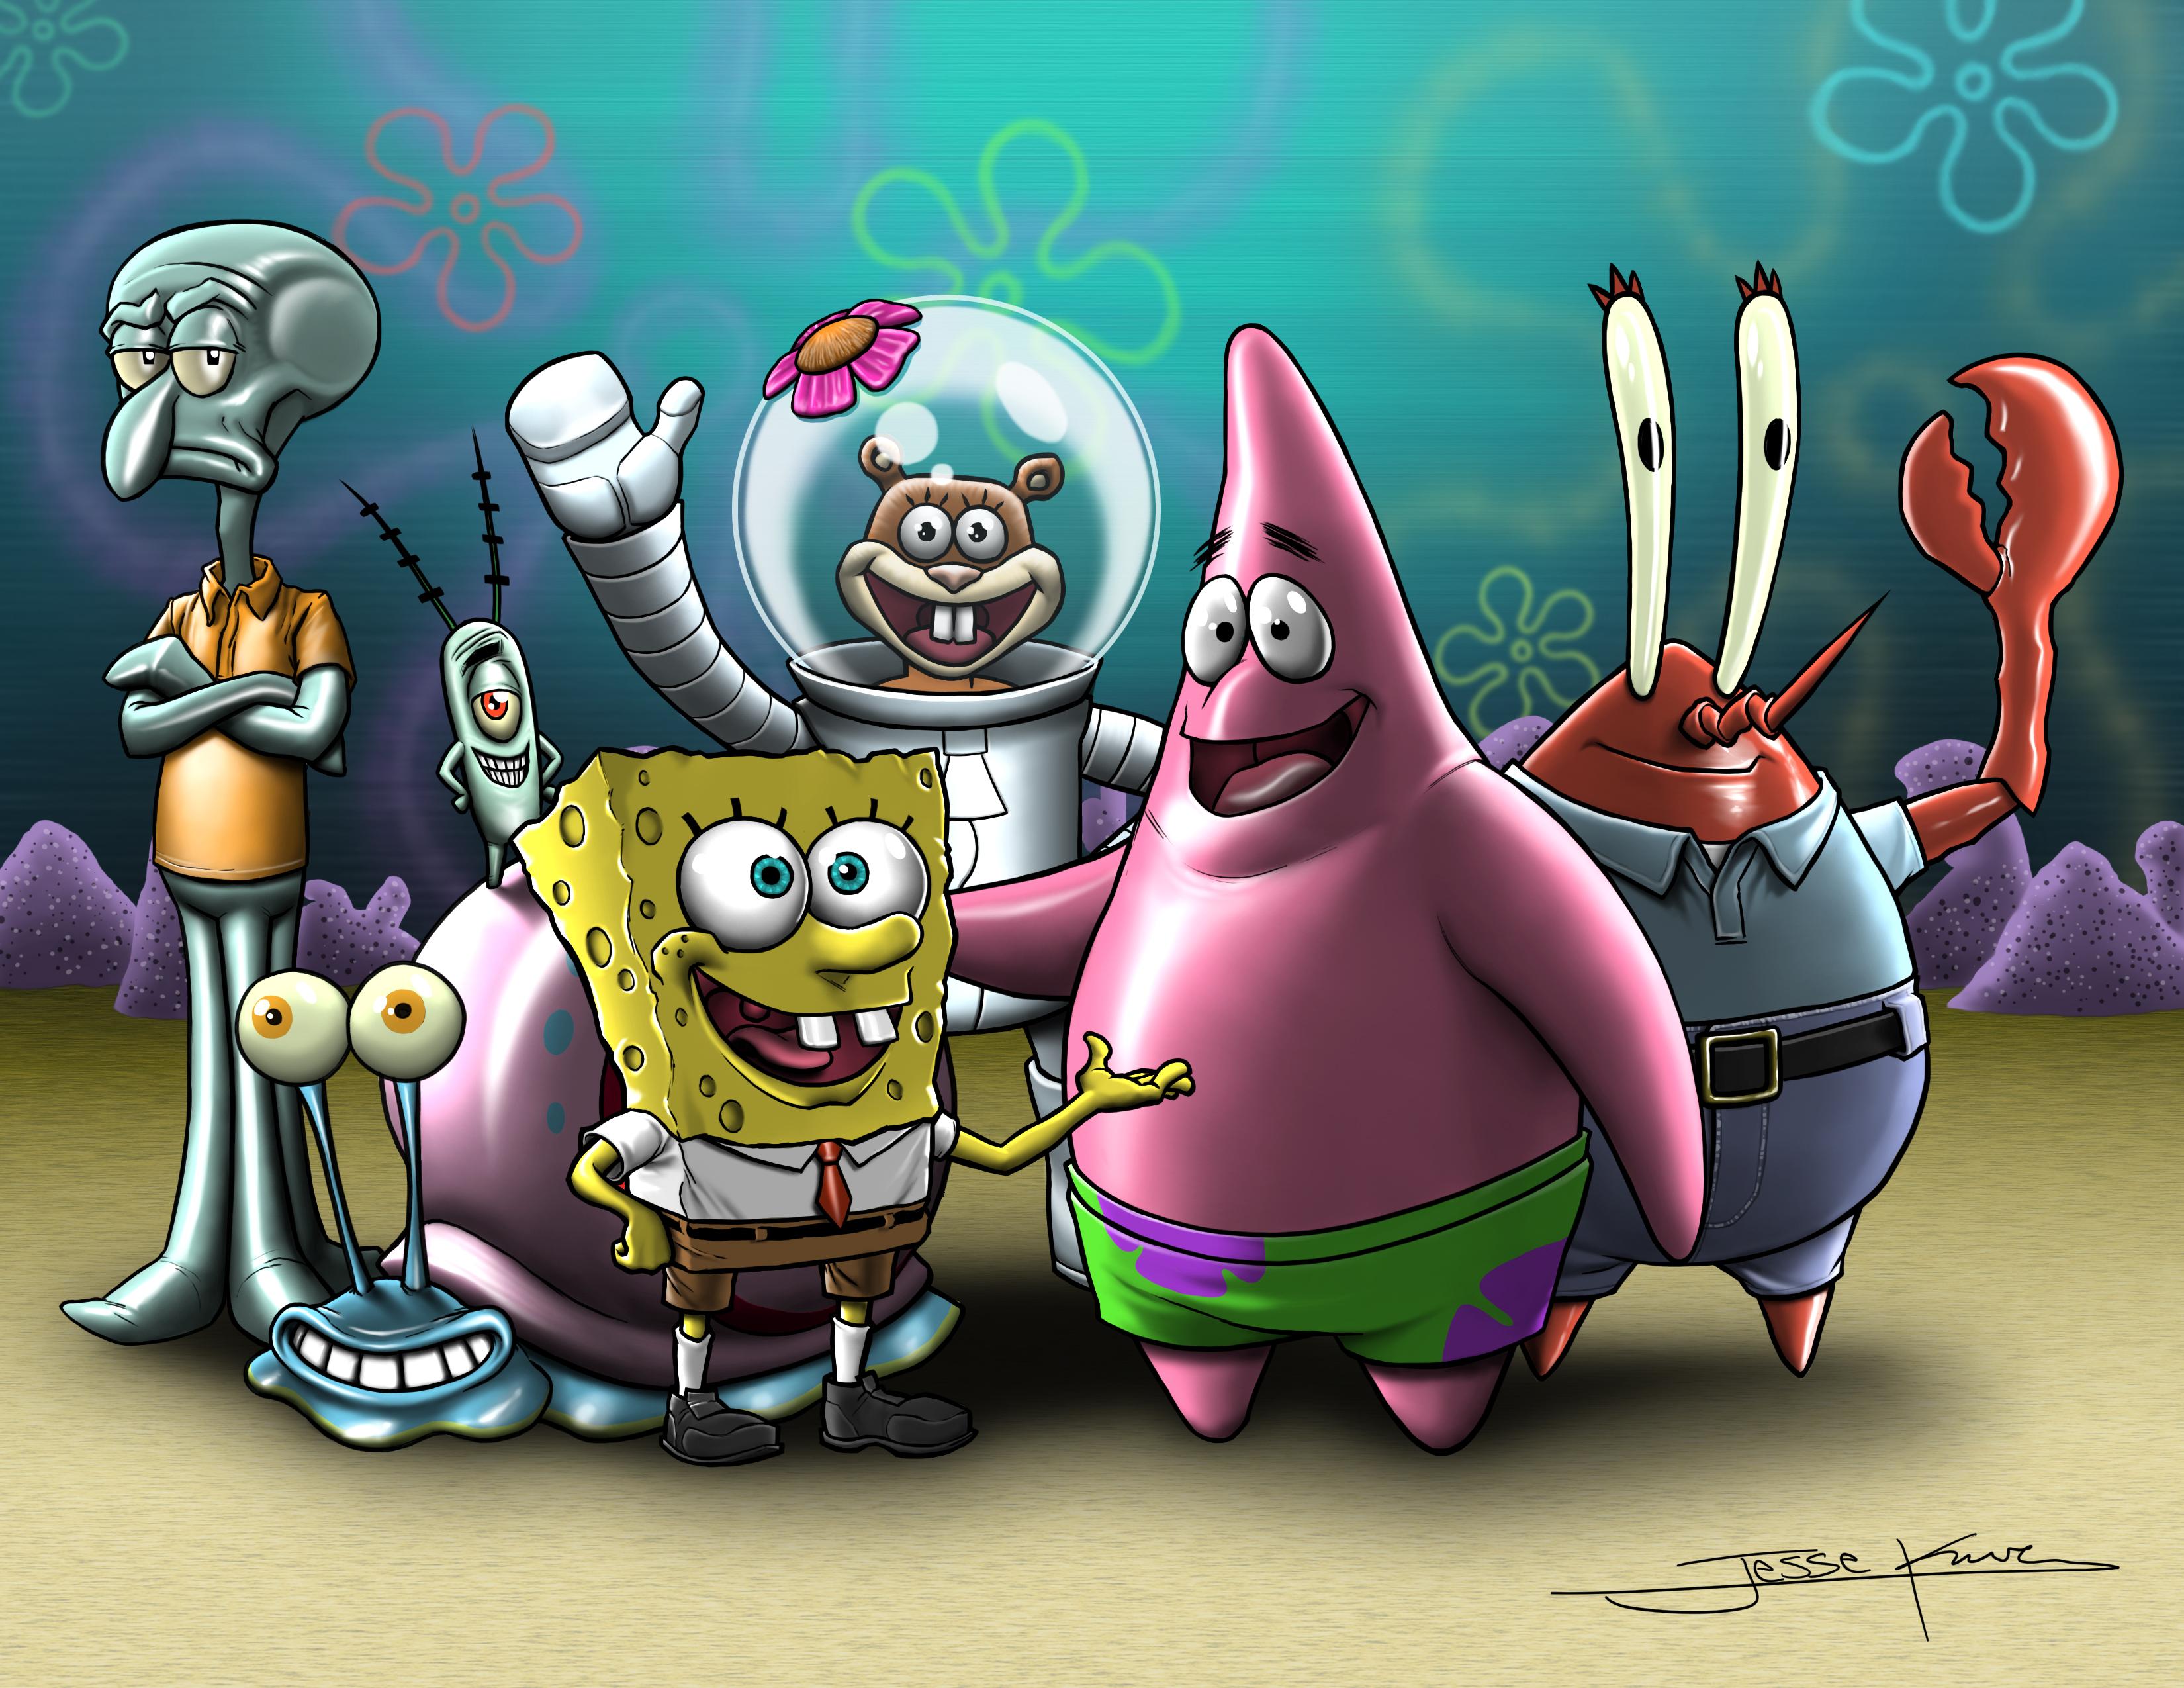 spongebob and friends meet brother bear part 1